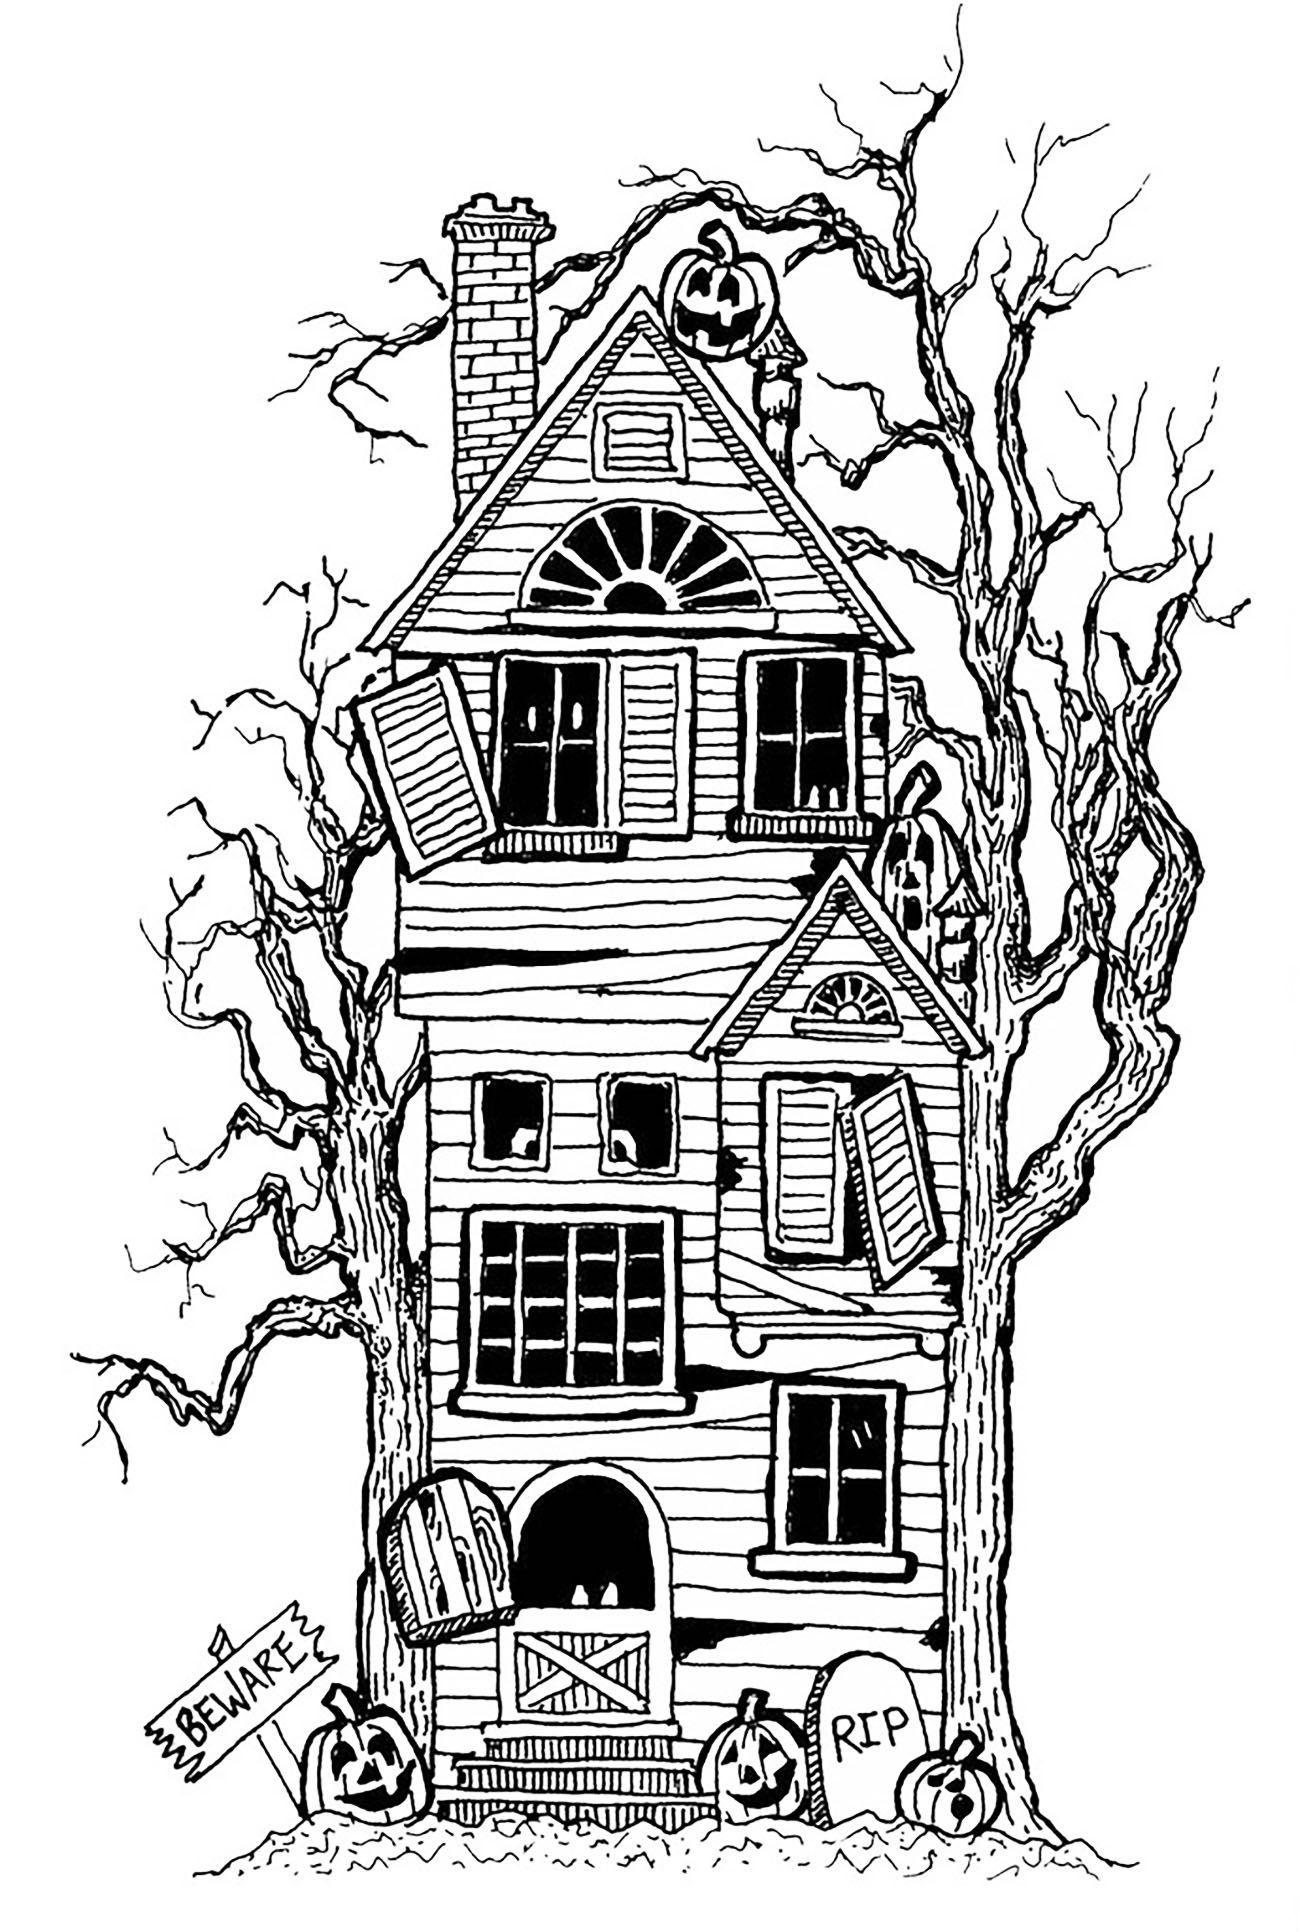 Une grande maison hantée à vous de colorier ses moindres